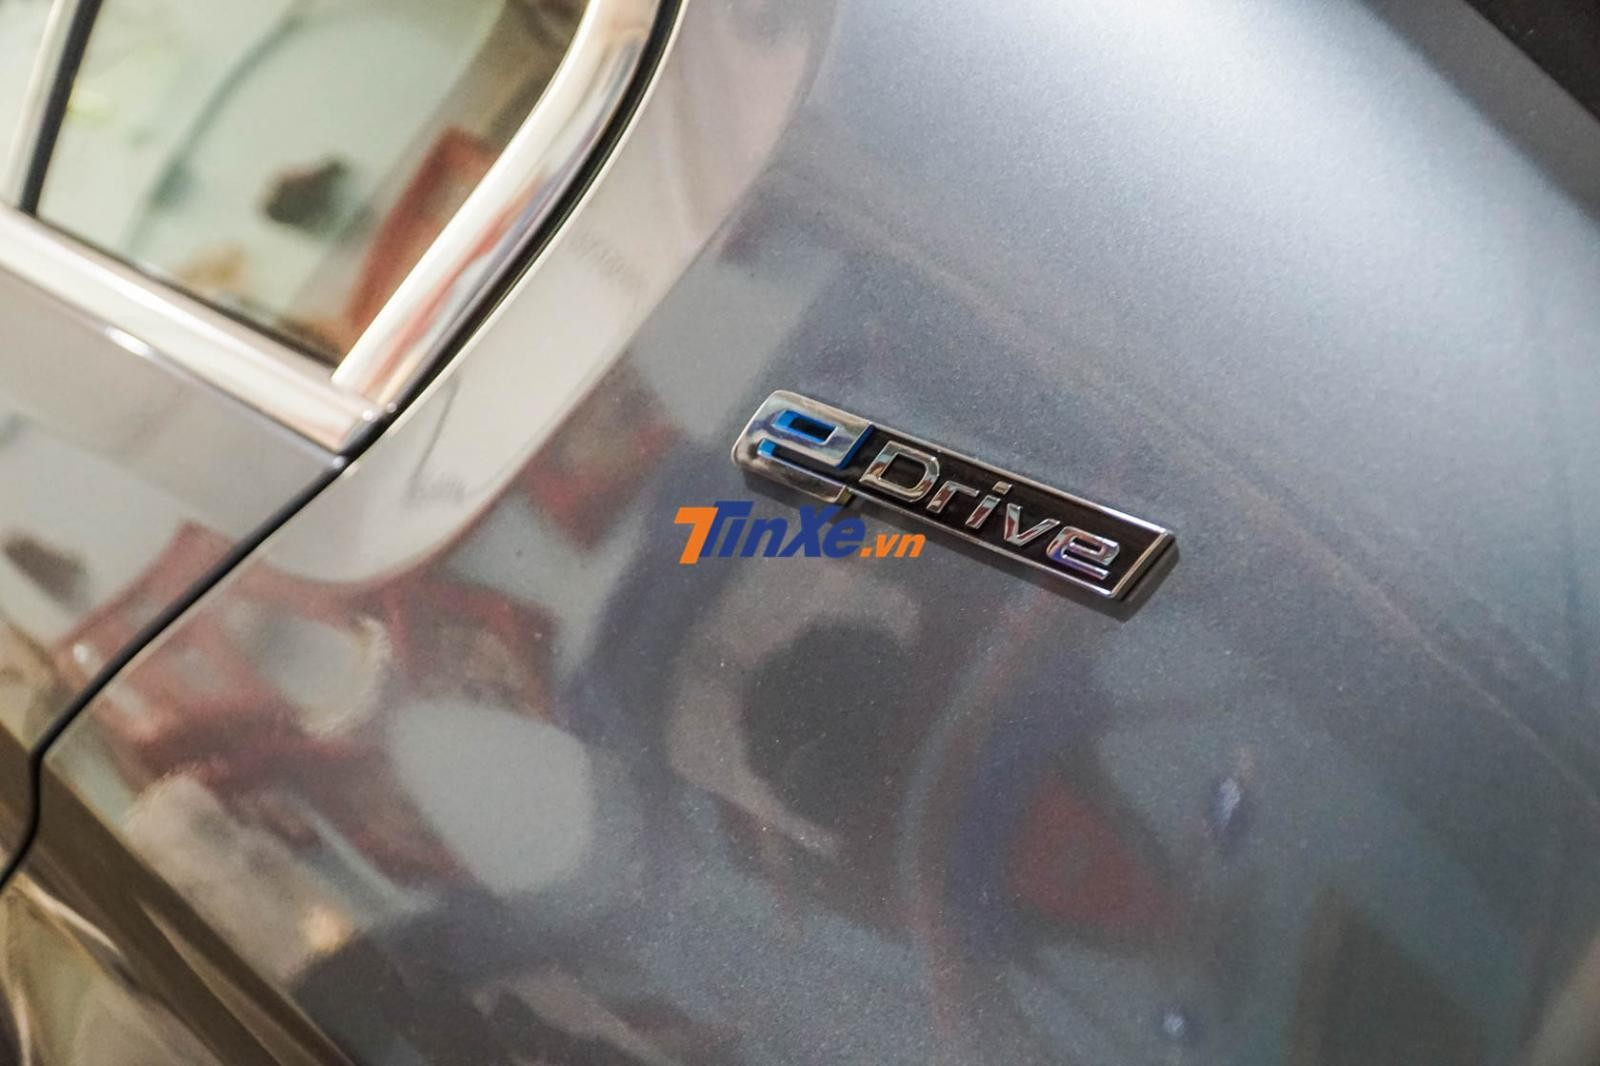 Hiện đơn vị phân phối chính hãng BMW là Thaco vẫn chưa có xe nhập về Việt Nam, do đó, chiếc BMW 530e này độc nhất Việt Nam